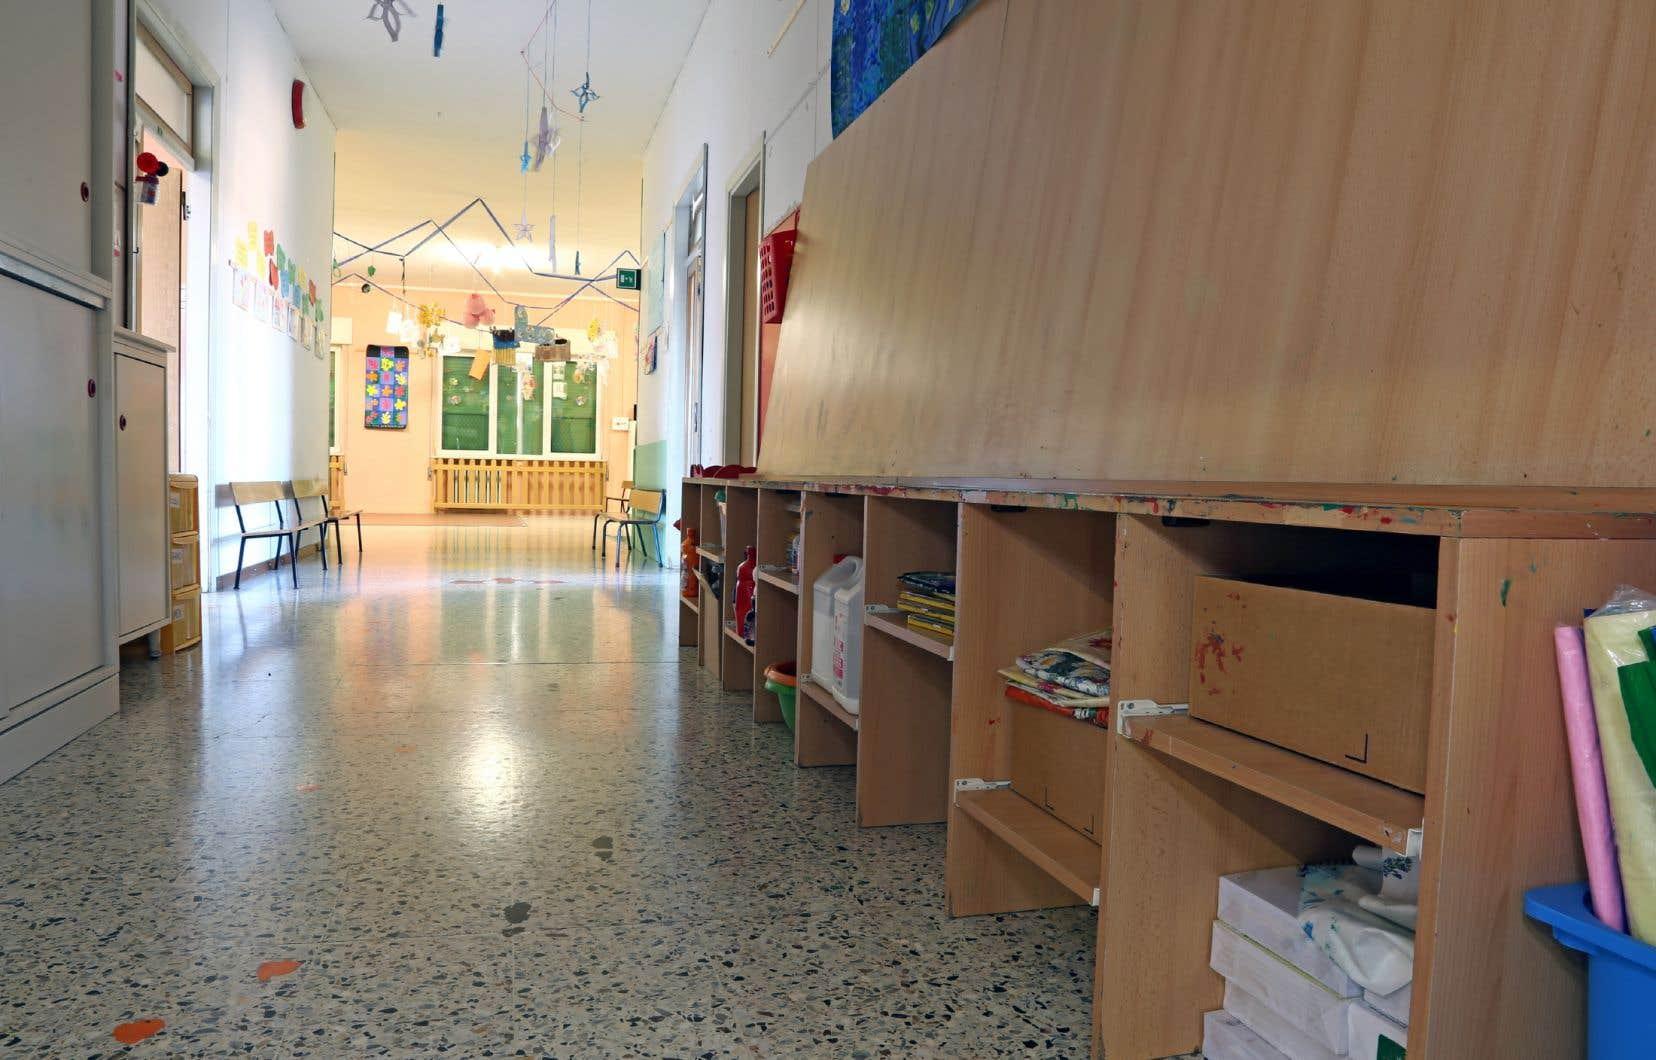 Malgré les mesures mises en place, le retour à l'école semble prématuré pour plusieurs parents.